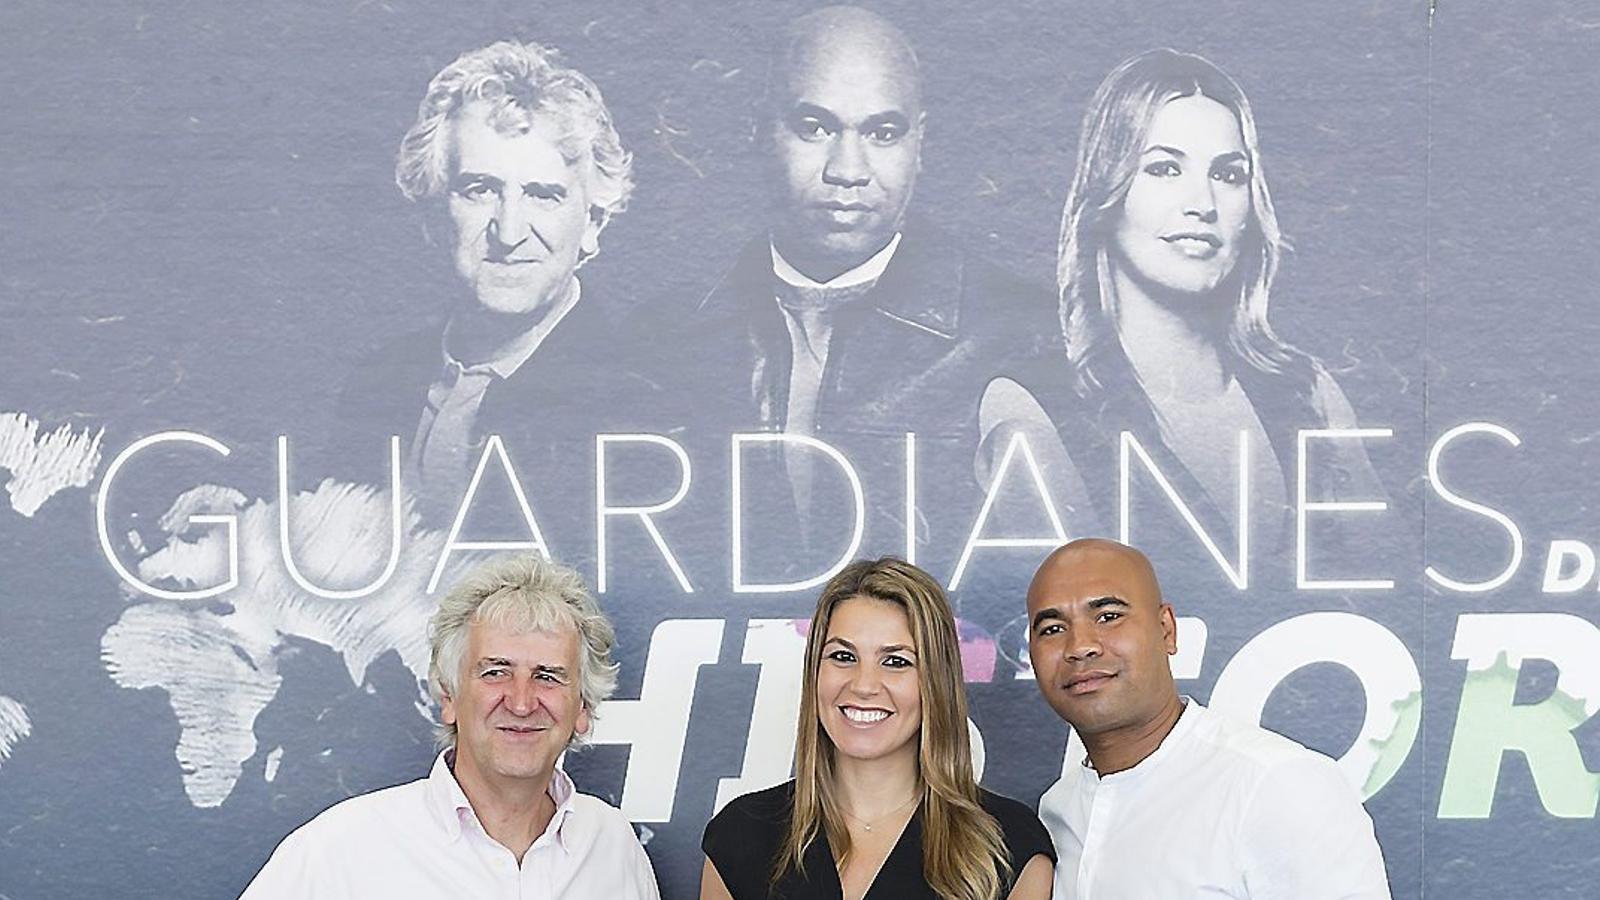 Juan Luis Arsuaga, Nira Juanco i Santiago Zannou presentaran el nou programa Guardianes de la historia, que aquesta nit s'estrena a #0.